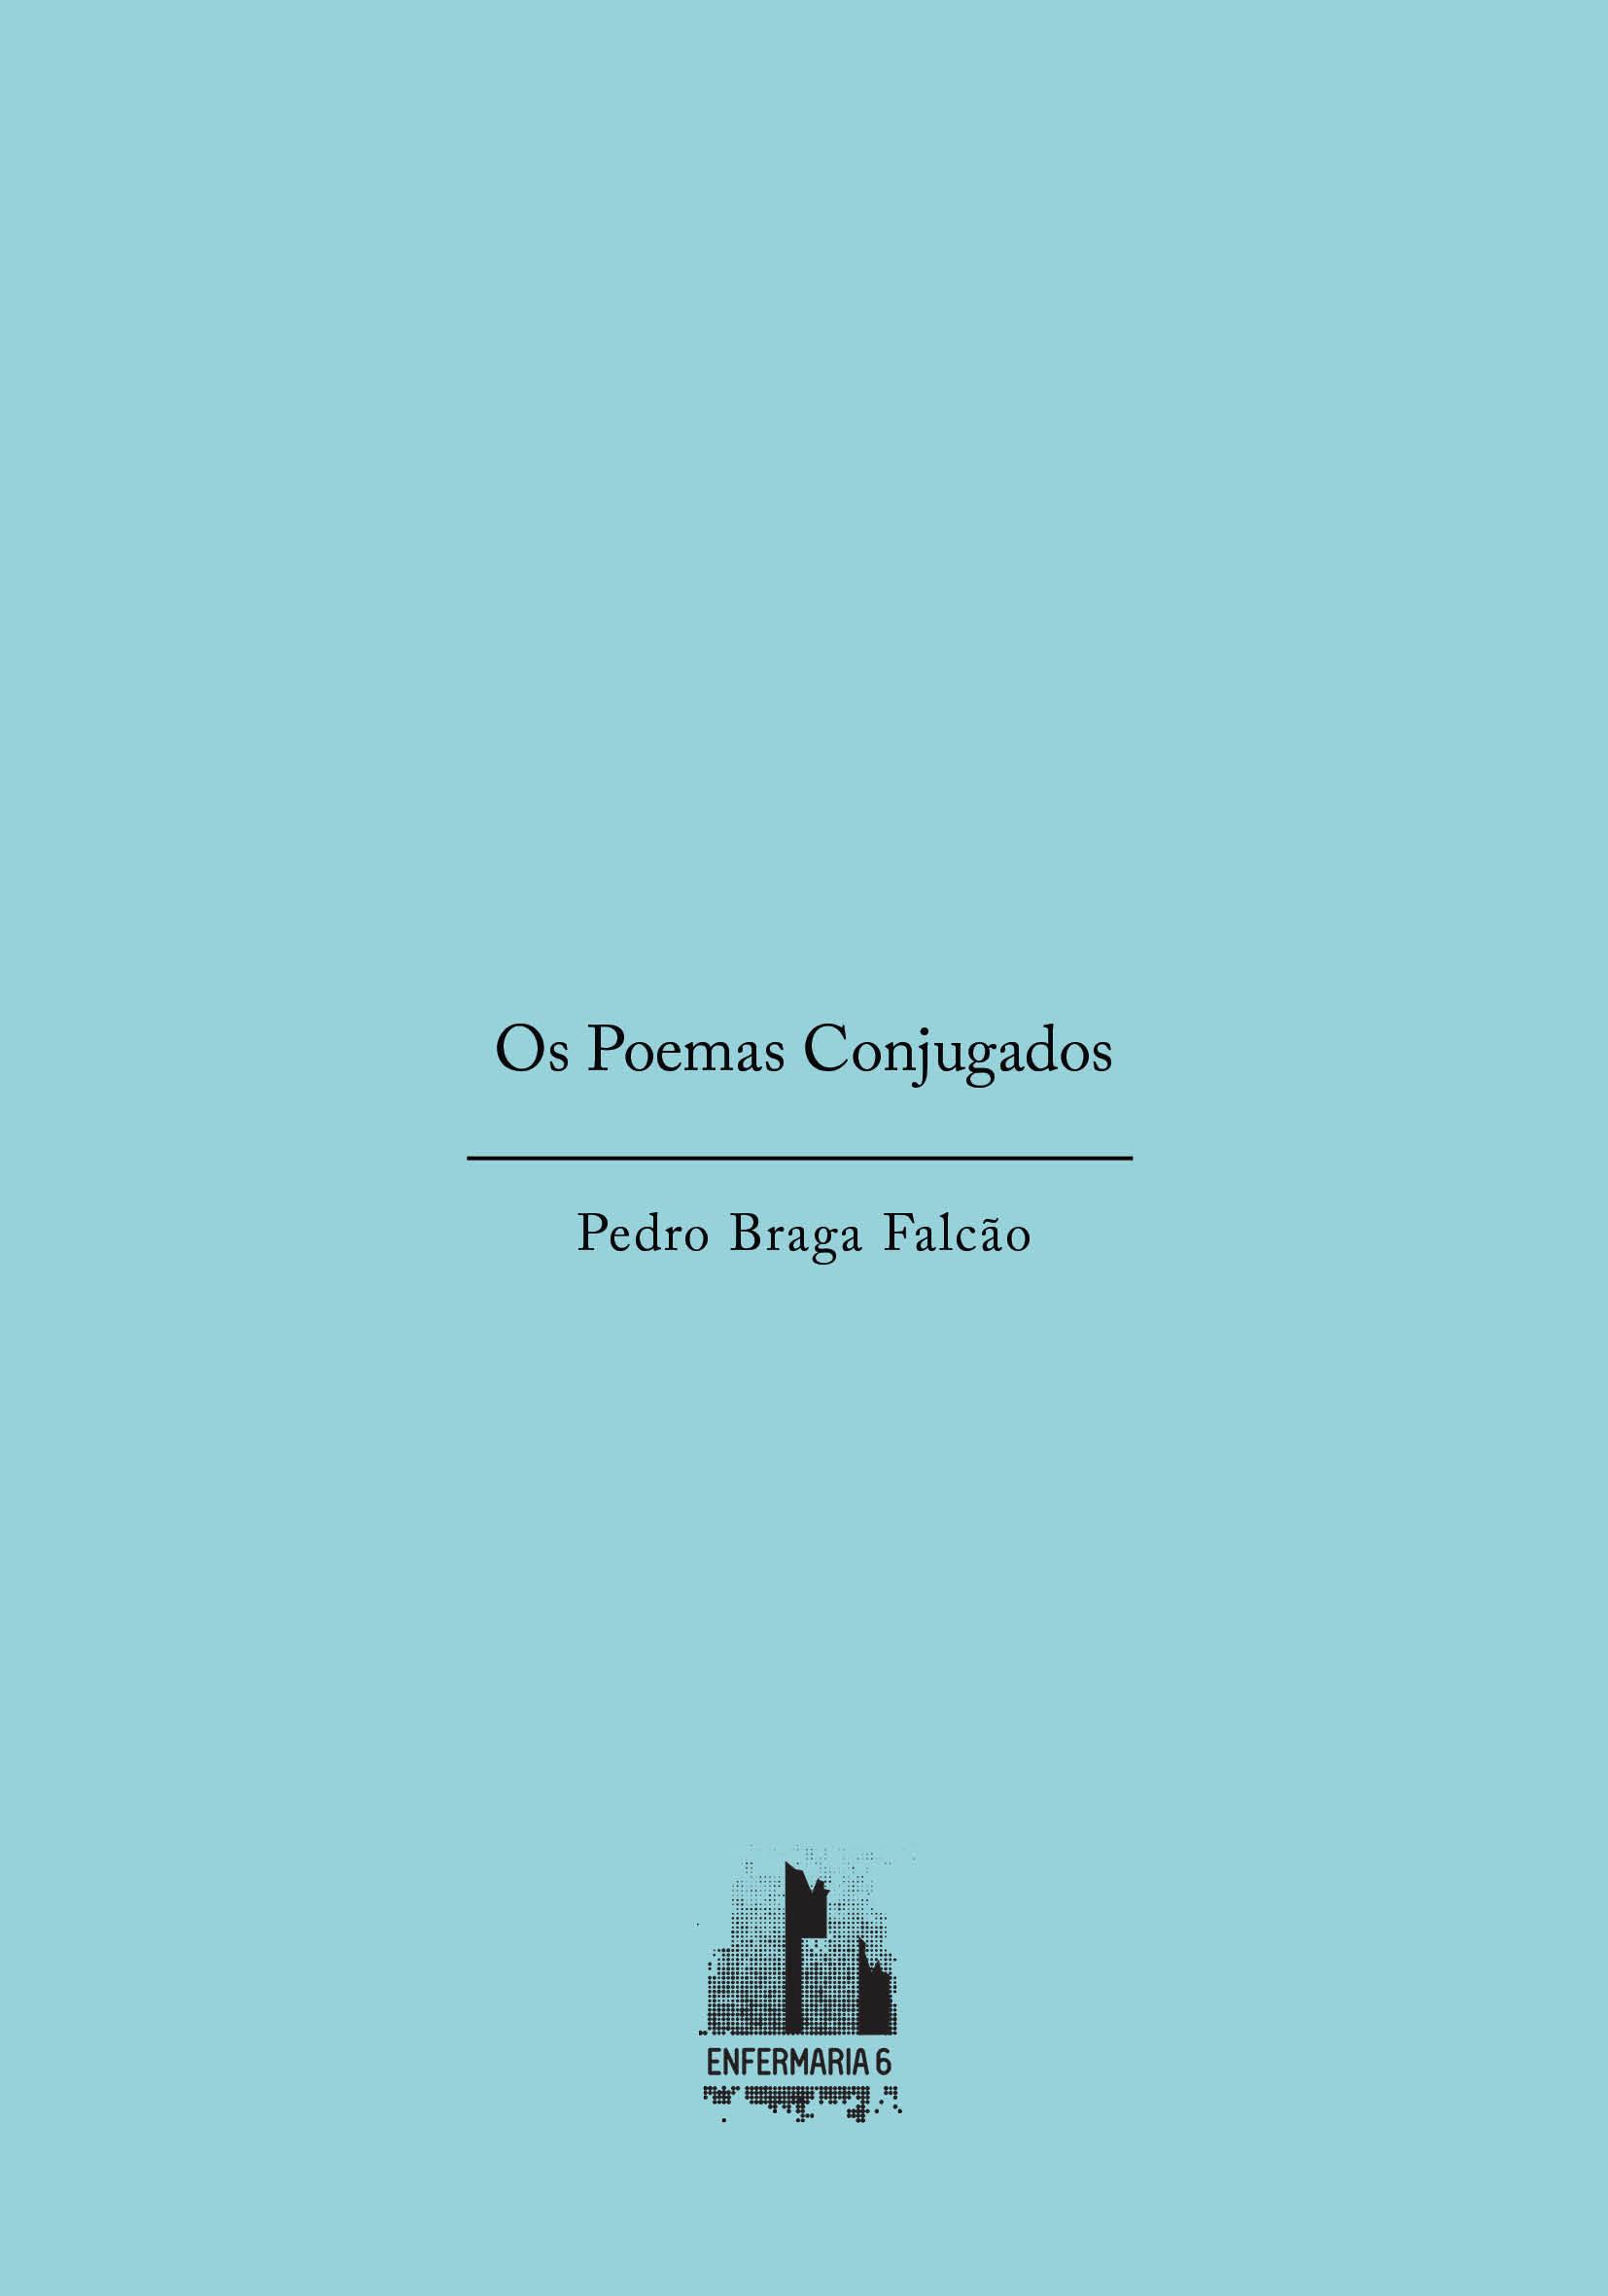 Pedro Braga Falcão. Os Poemas Conjugados